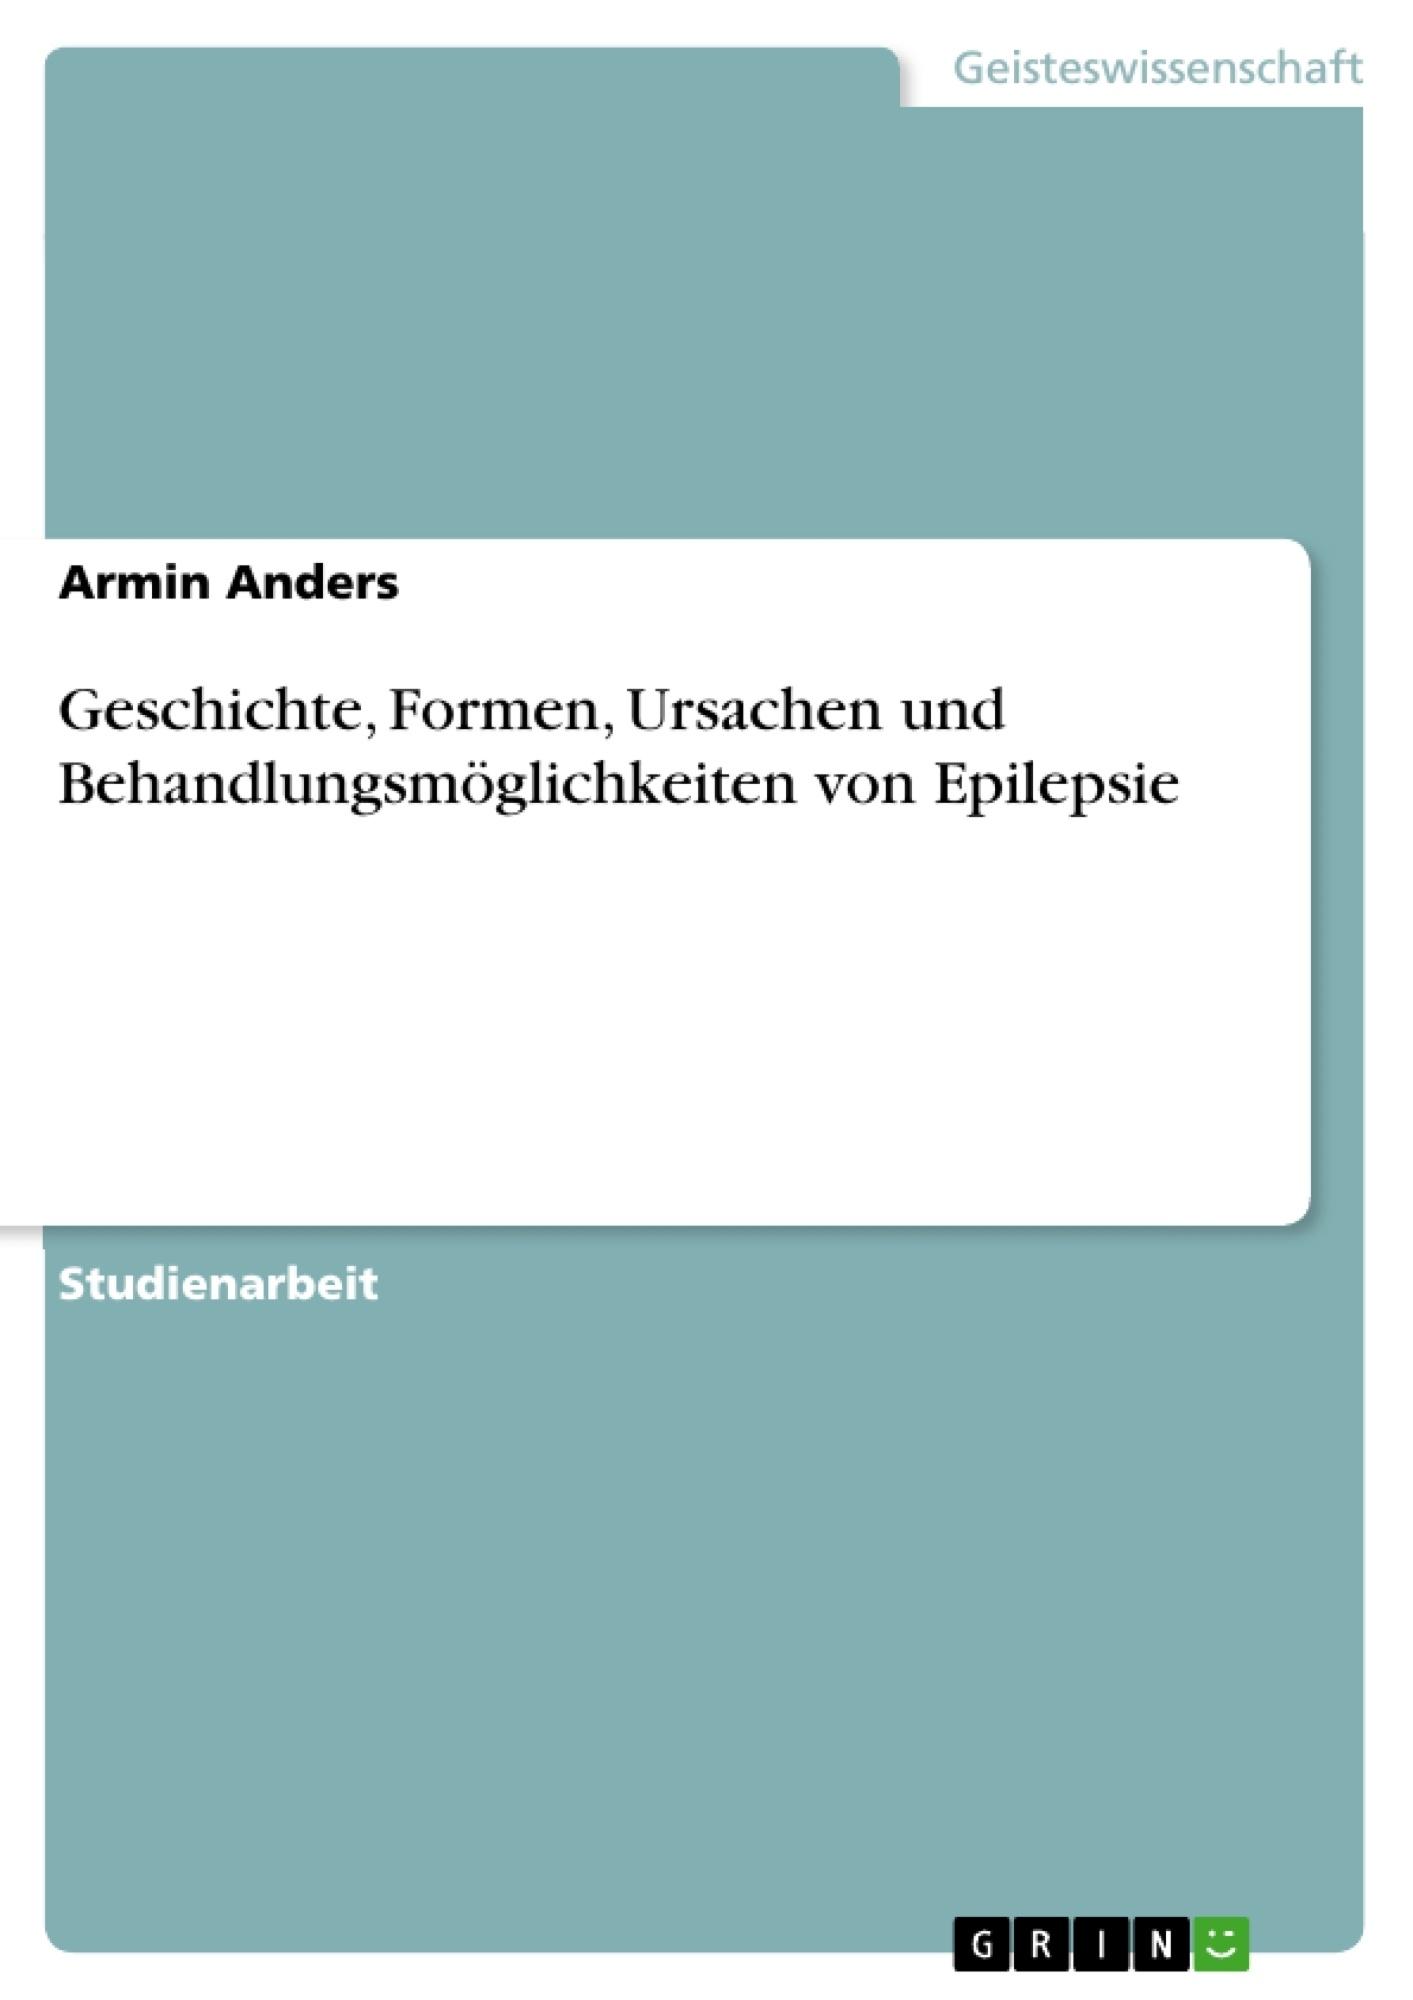 Titel: Geschichte, Formen, Ursachen und Behandlungsmöglichkeiten von Epilepsie